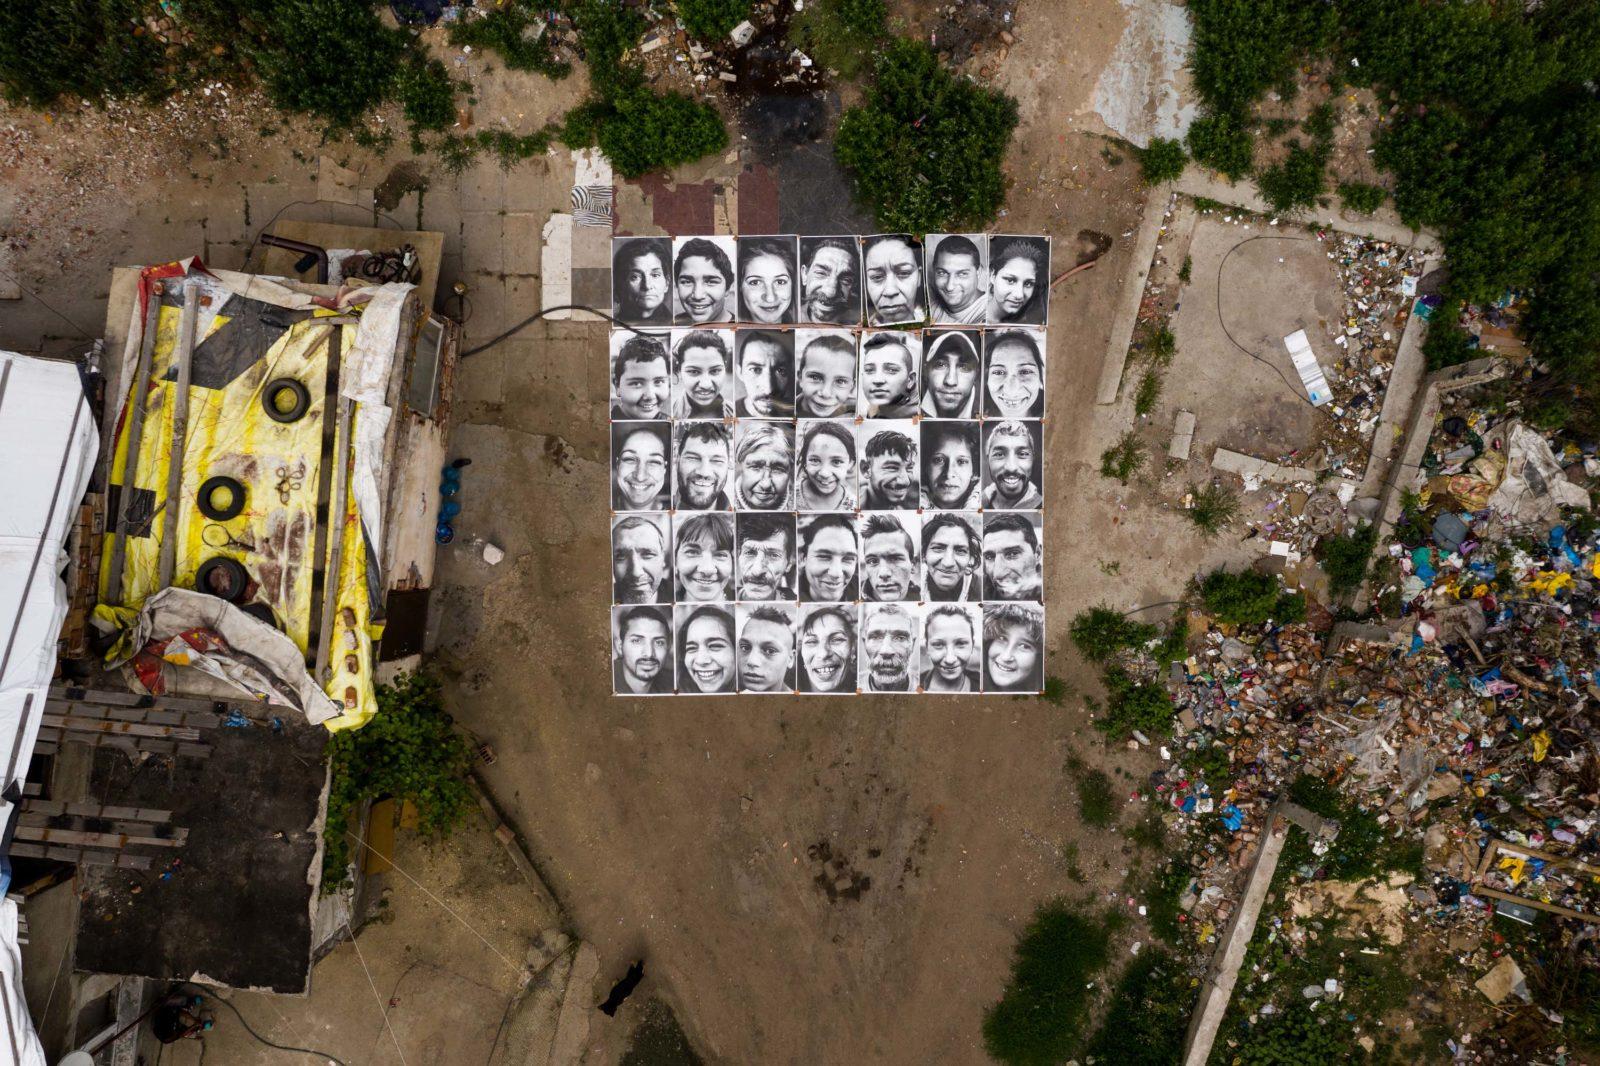 Óriás portrékkal követelték vissza otthonaikat bulgáriai romák